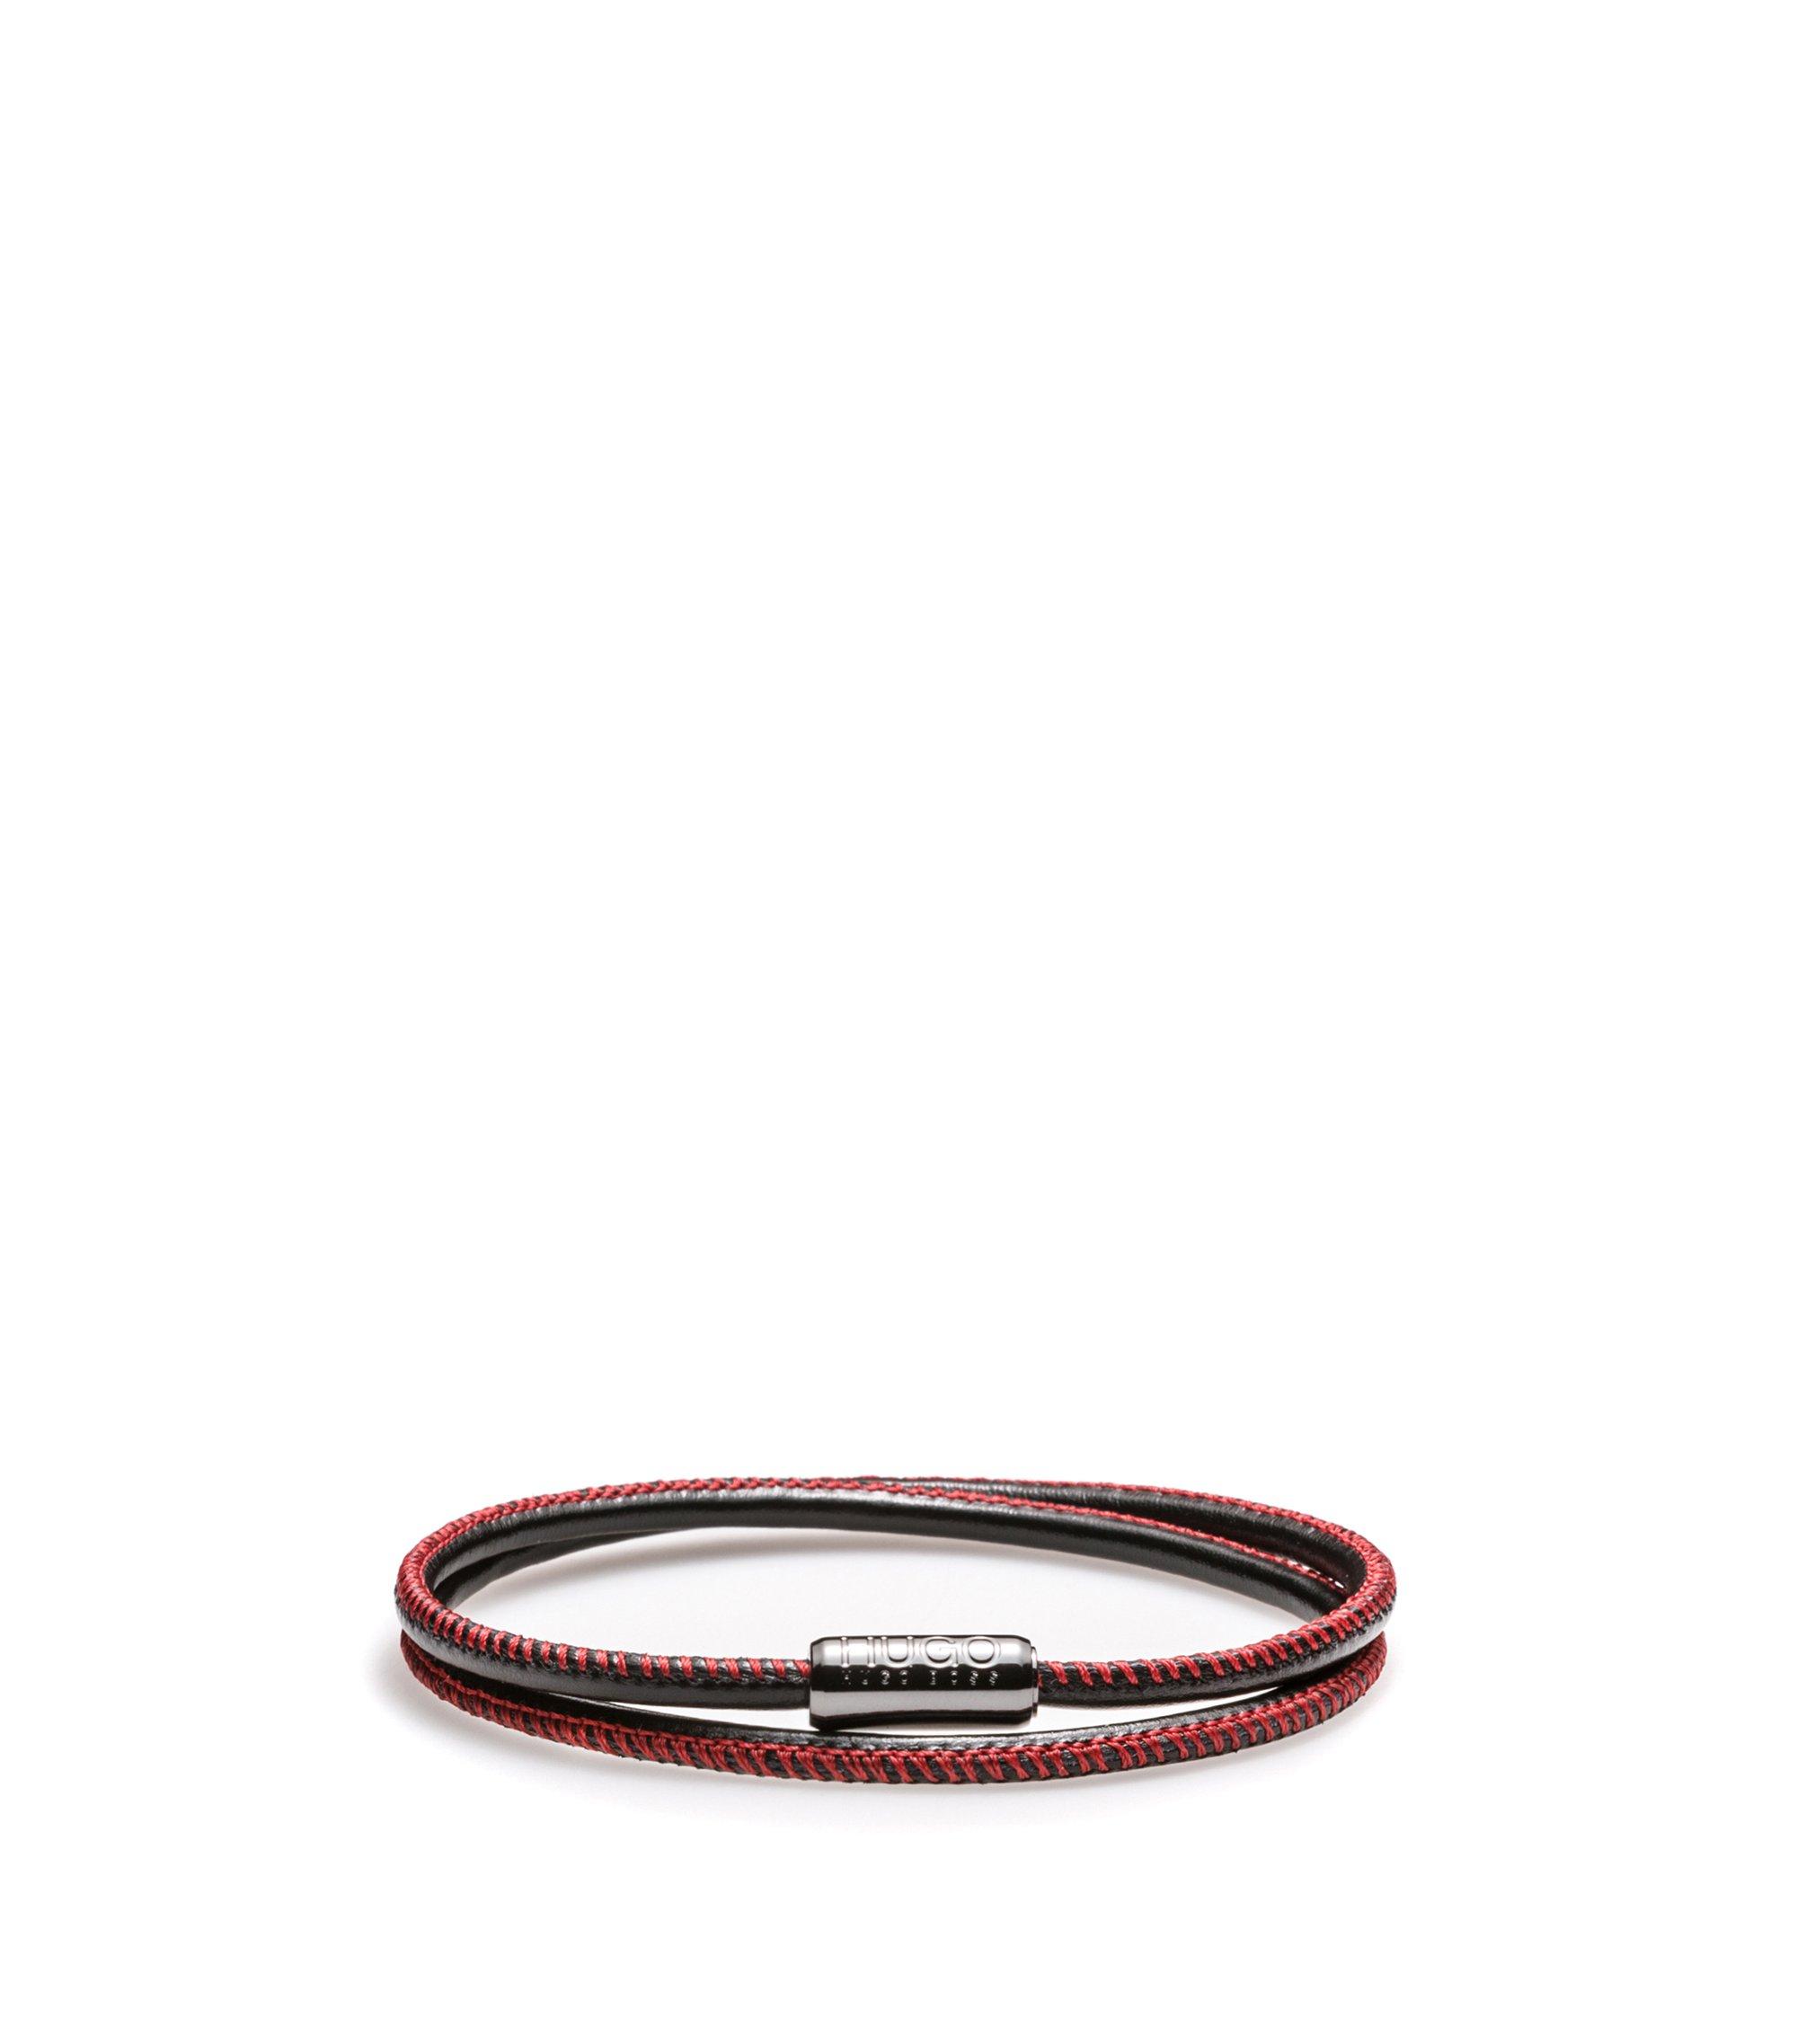 Armband aus italienischem Leder mit magnetischem Druckknopf, Gemustert